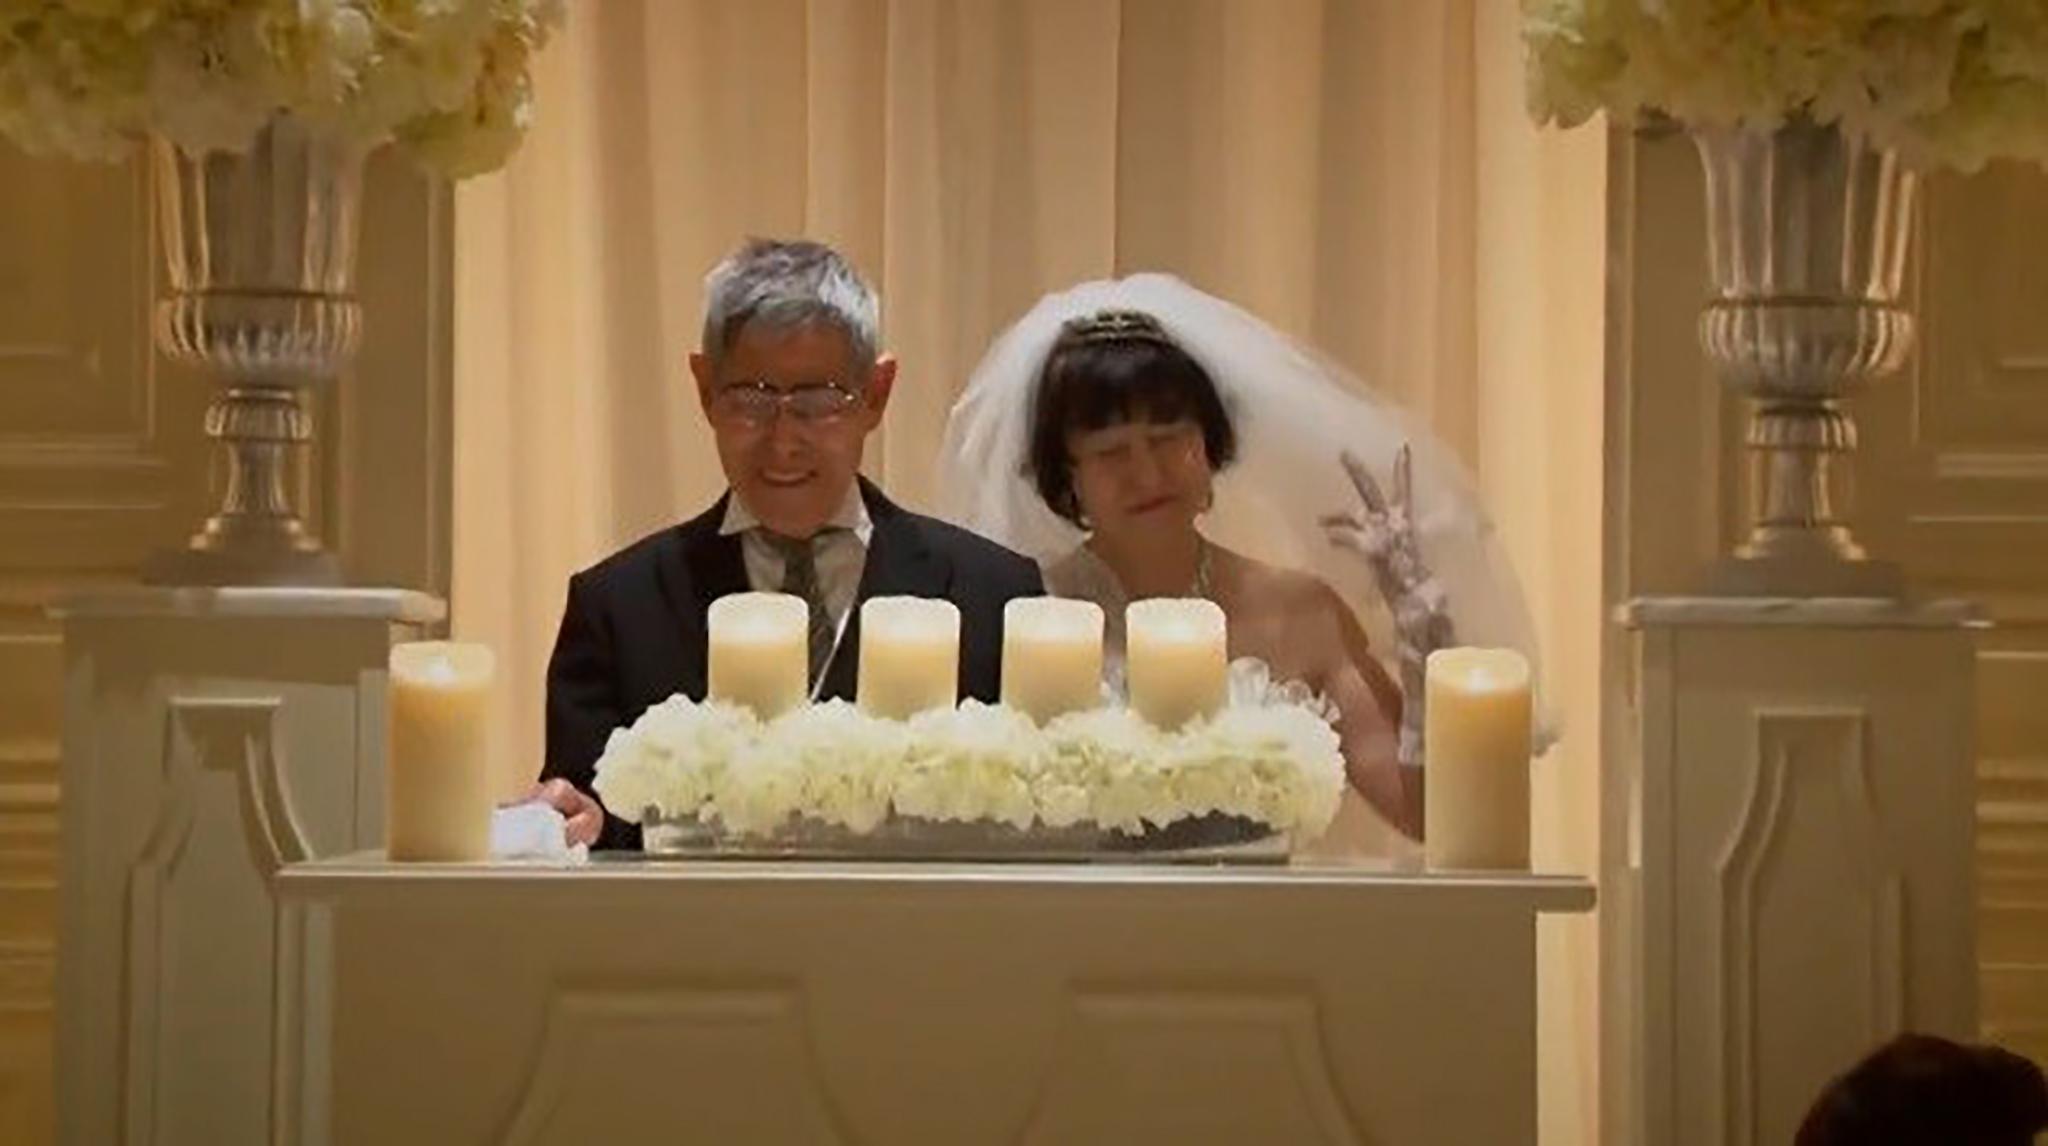 【おじいちゃん、おばあちゃん、ありがとう!】祖父母へ贈る感謝の結婚式